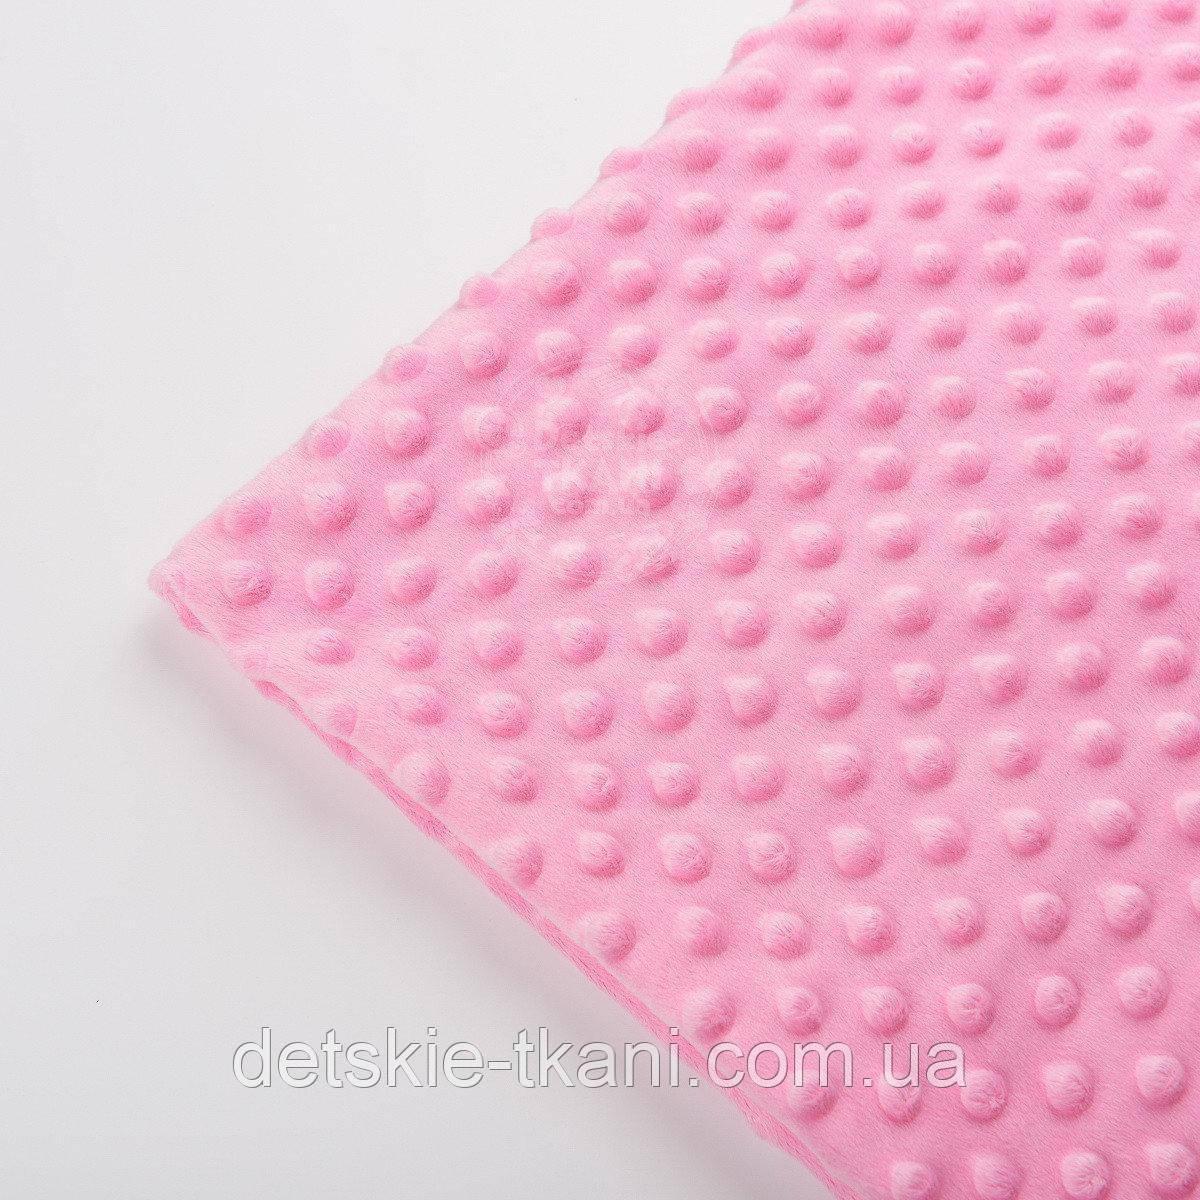 Лоскут плюша  minky М-66 тёмно-розового цвета, размер 35*160 см